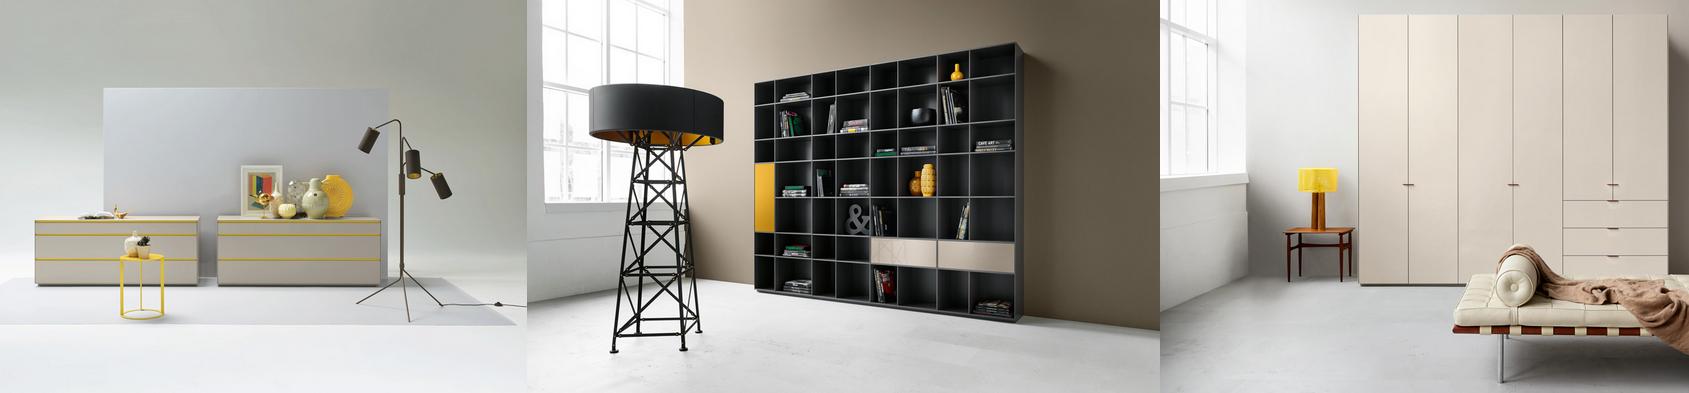 piure eine bersicht ber sideboards regale und schr nke bruno wickart blog. Black Bedroom Furniture Sets. Home Design Ideas